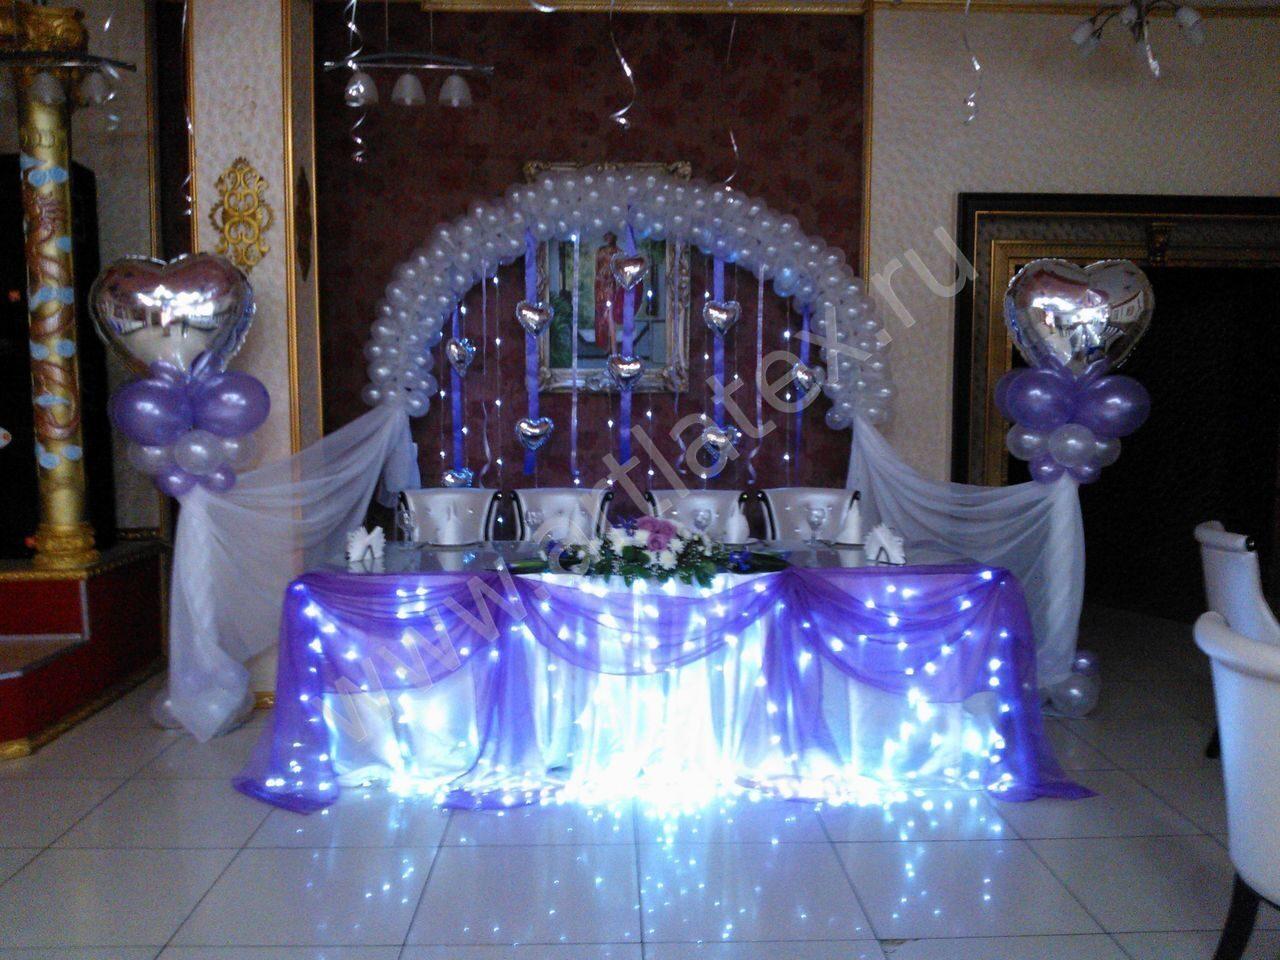 Шары на свадьбе: 40 идей с фото Снова Праздник! 5